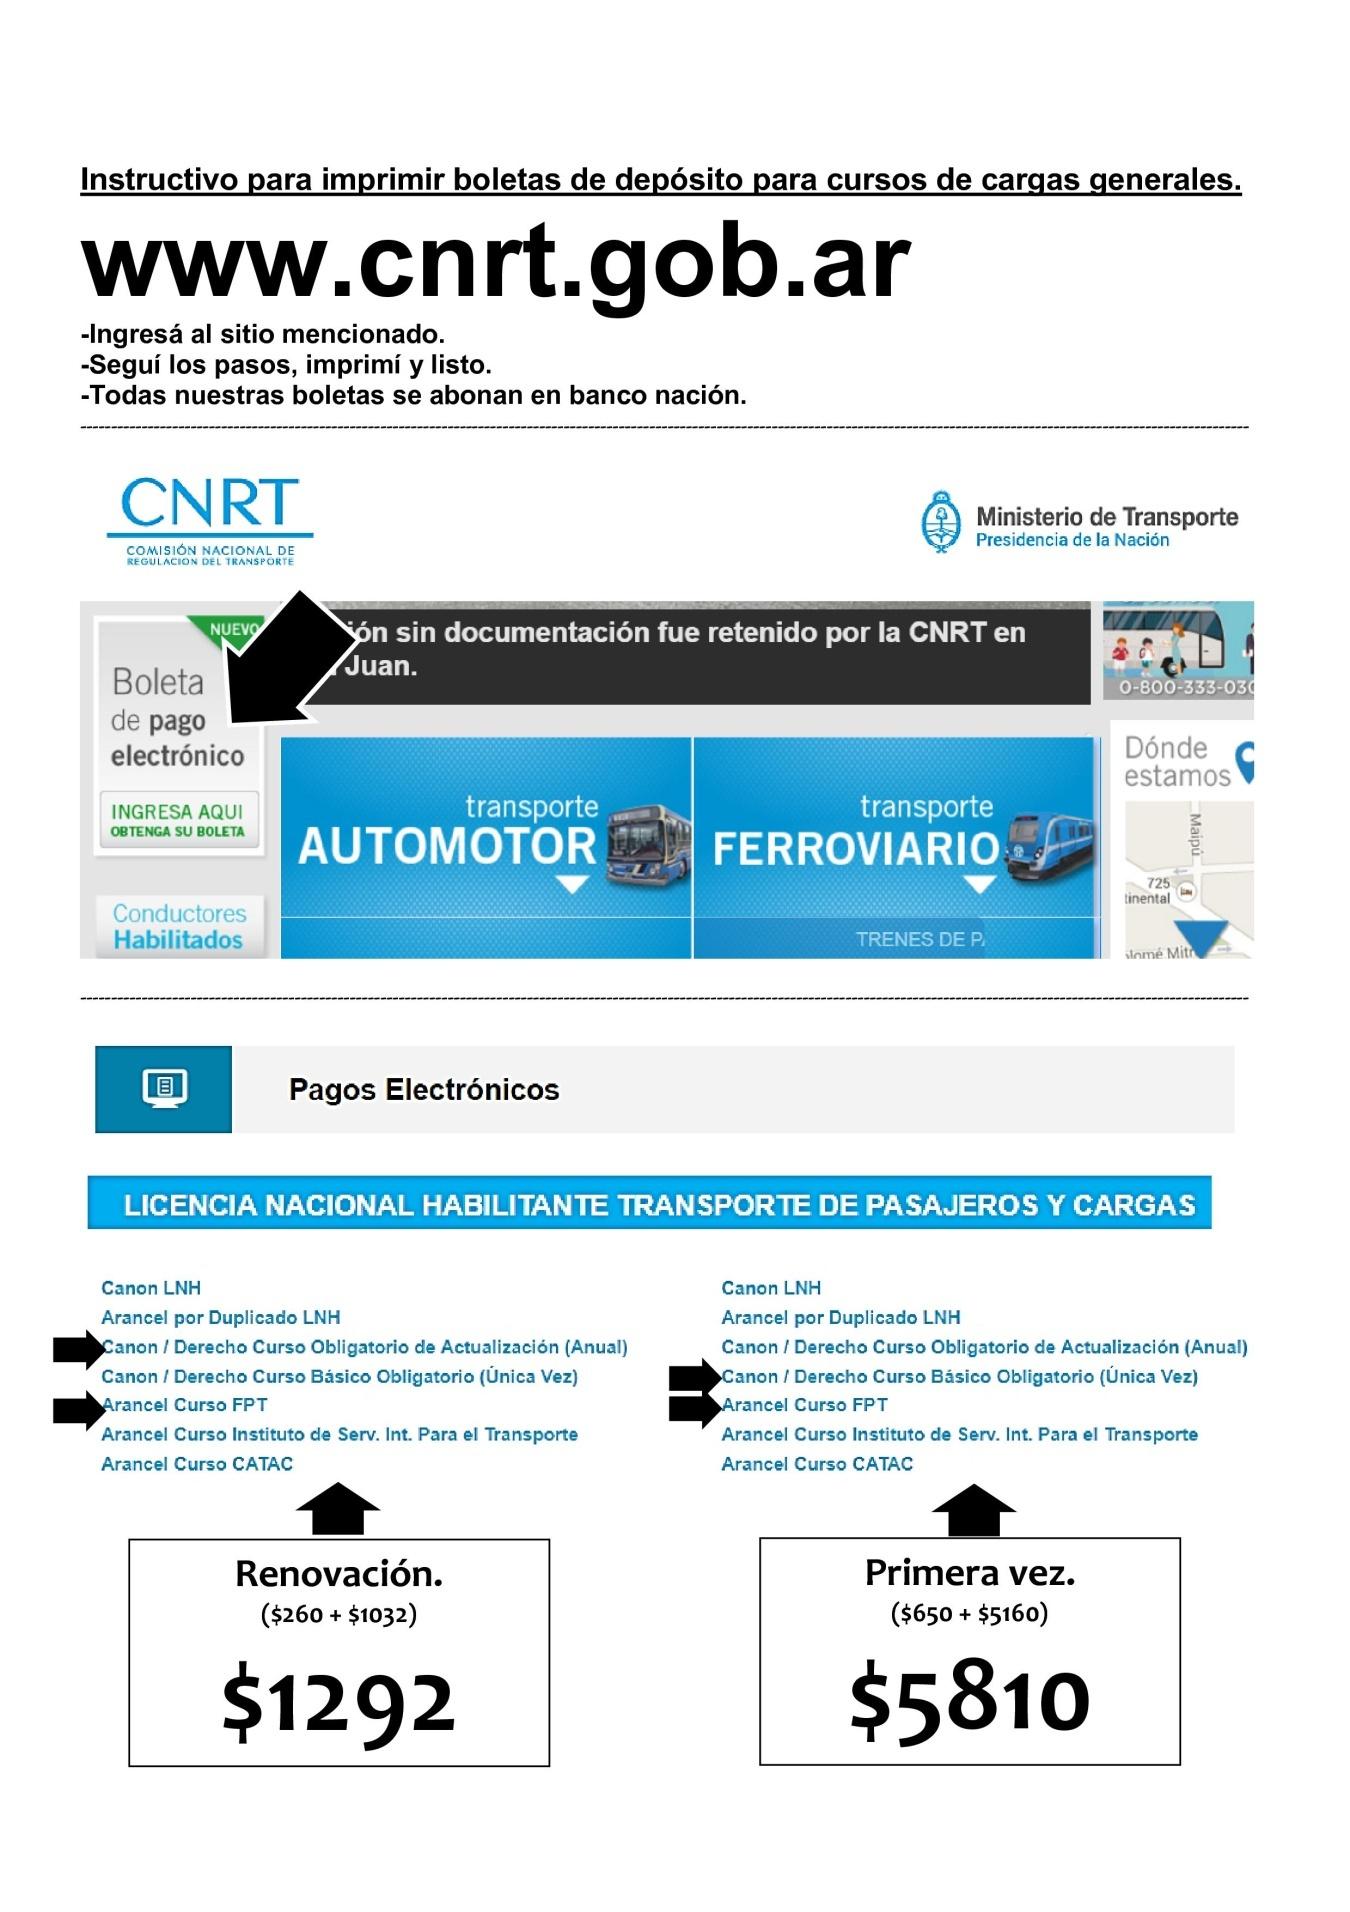 Información de interés para choferes | Noticias | Servicios | APROCAM